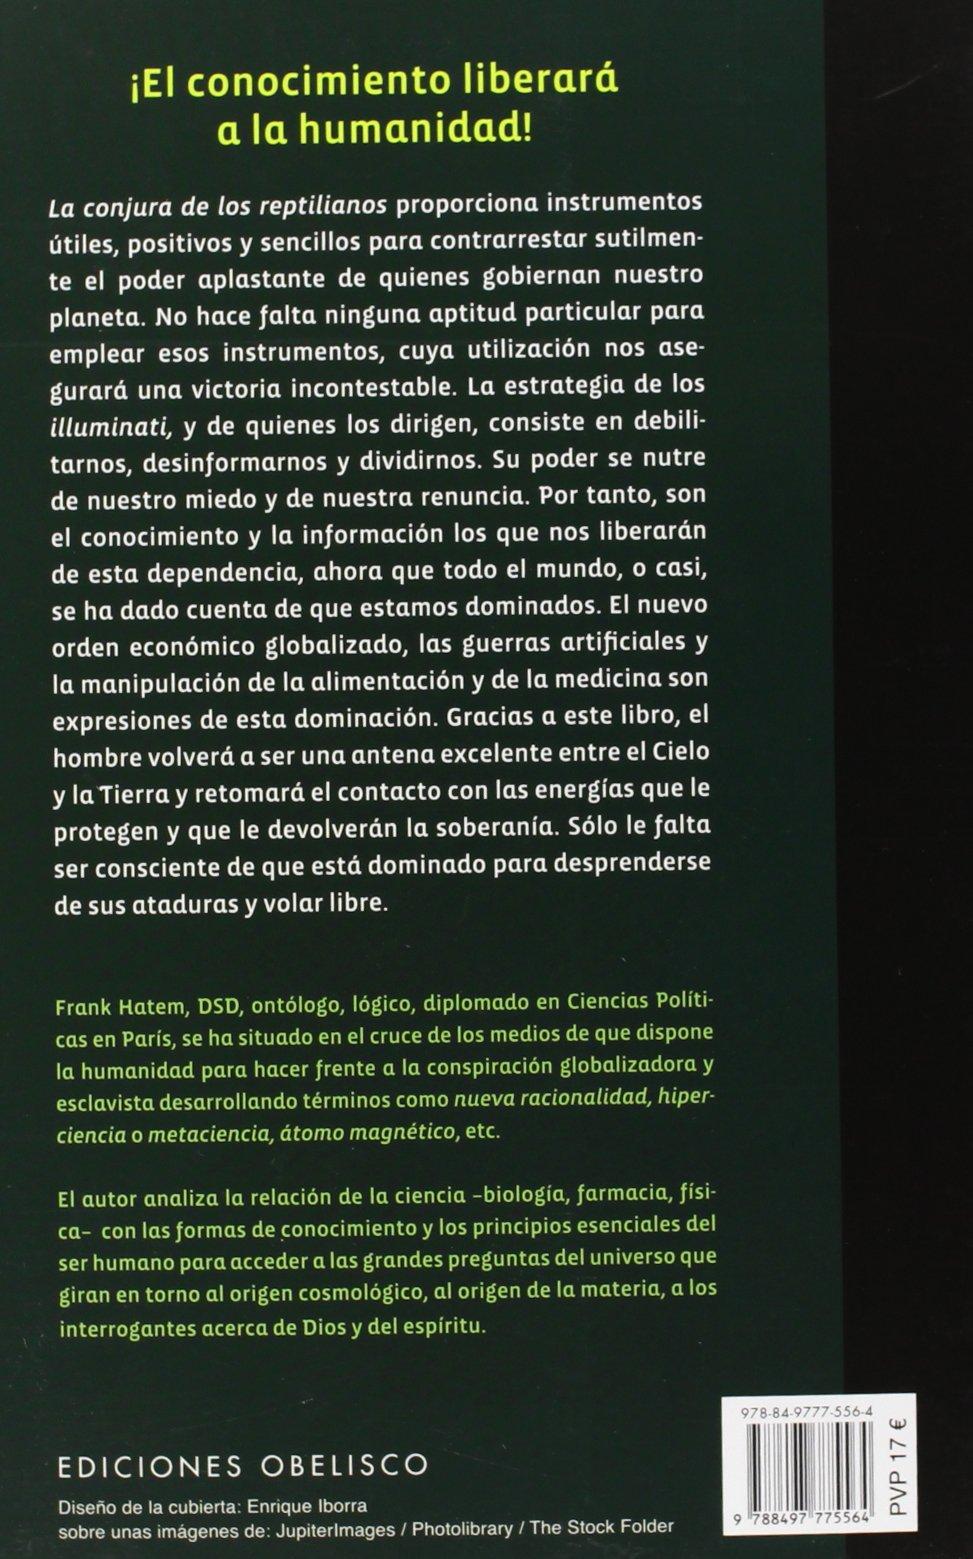 La conjura de los reptilianos (ESTUDIOS Y DOCUMENTOS): Amazon ...